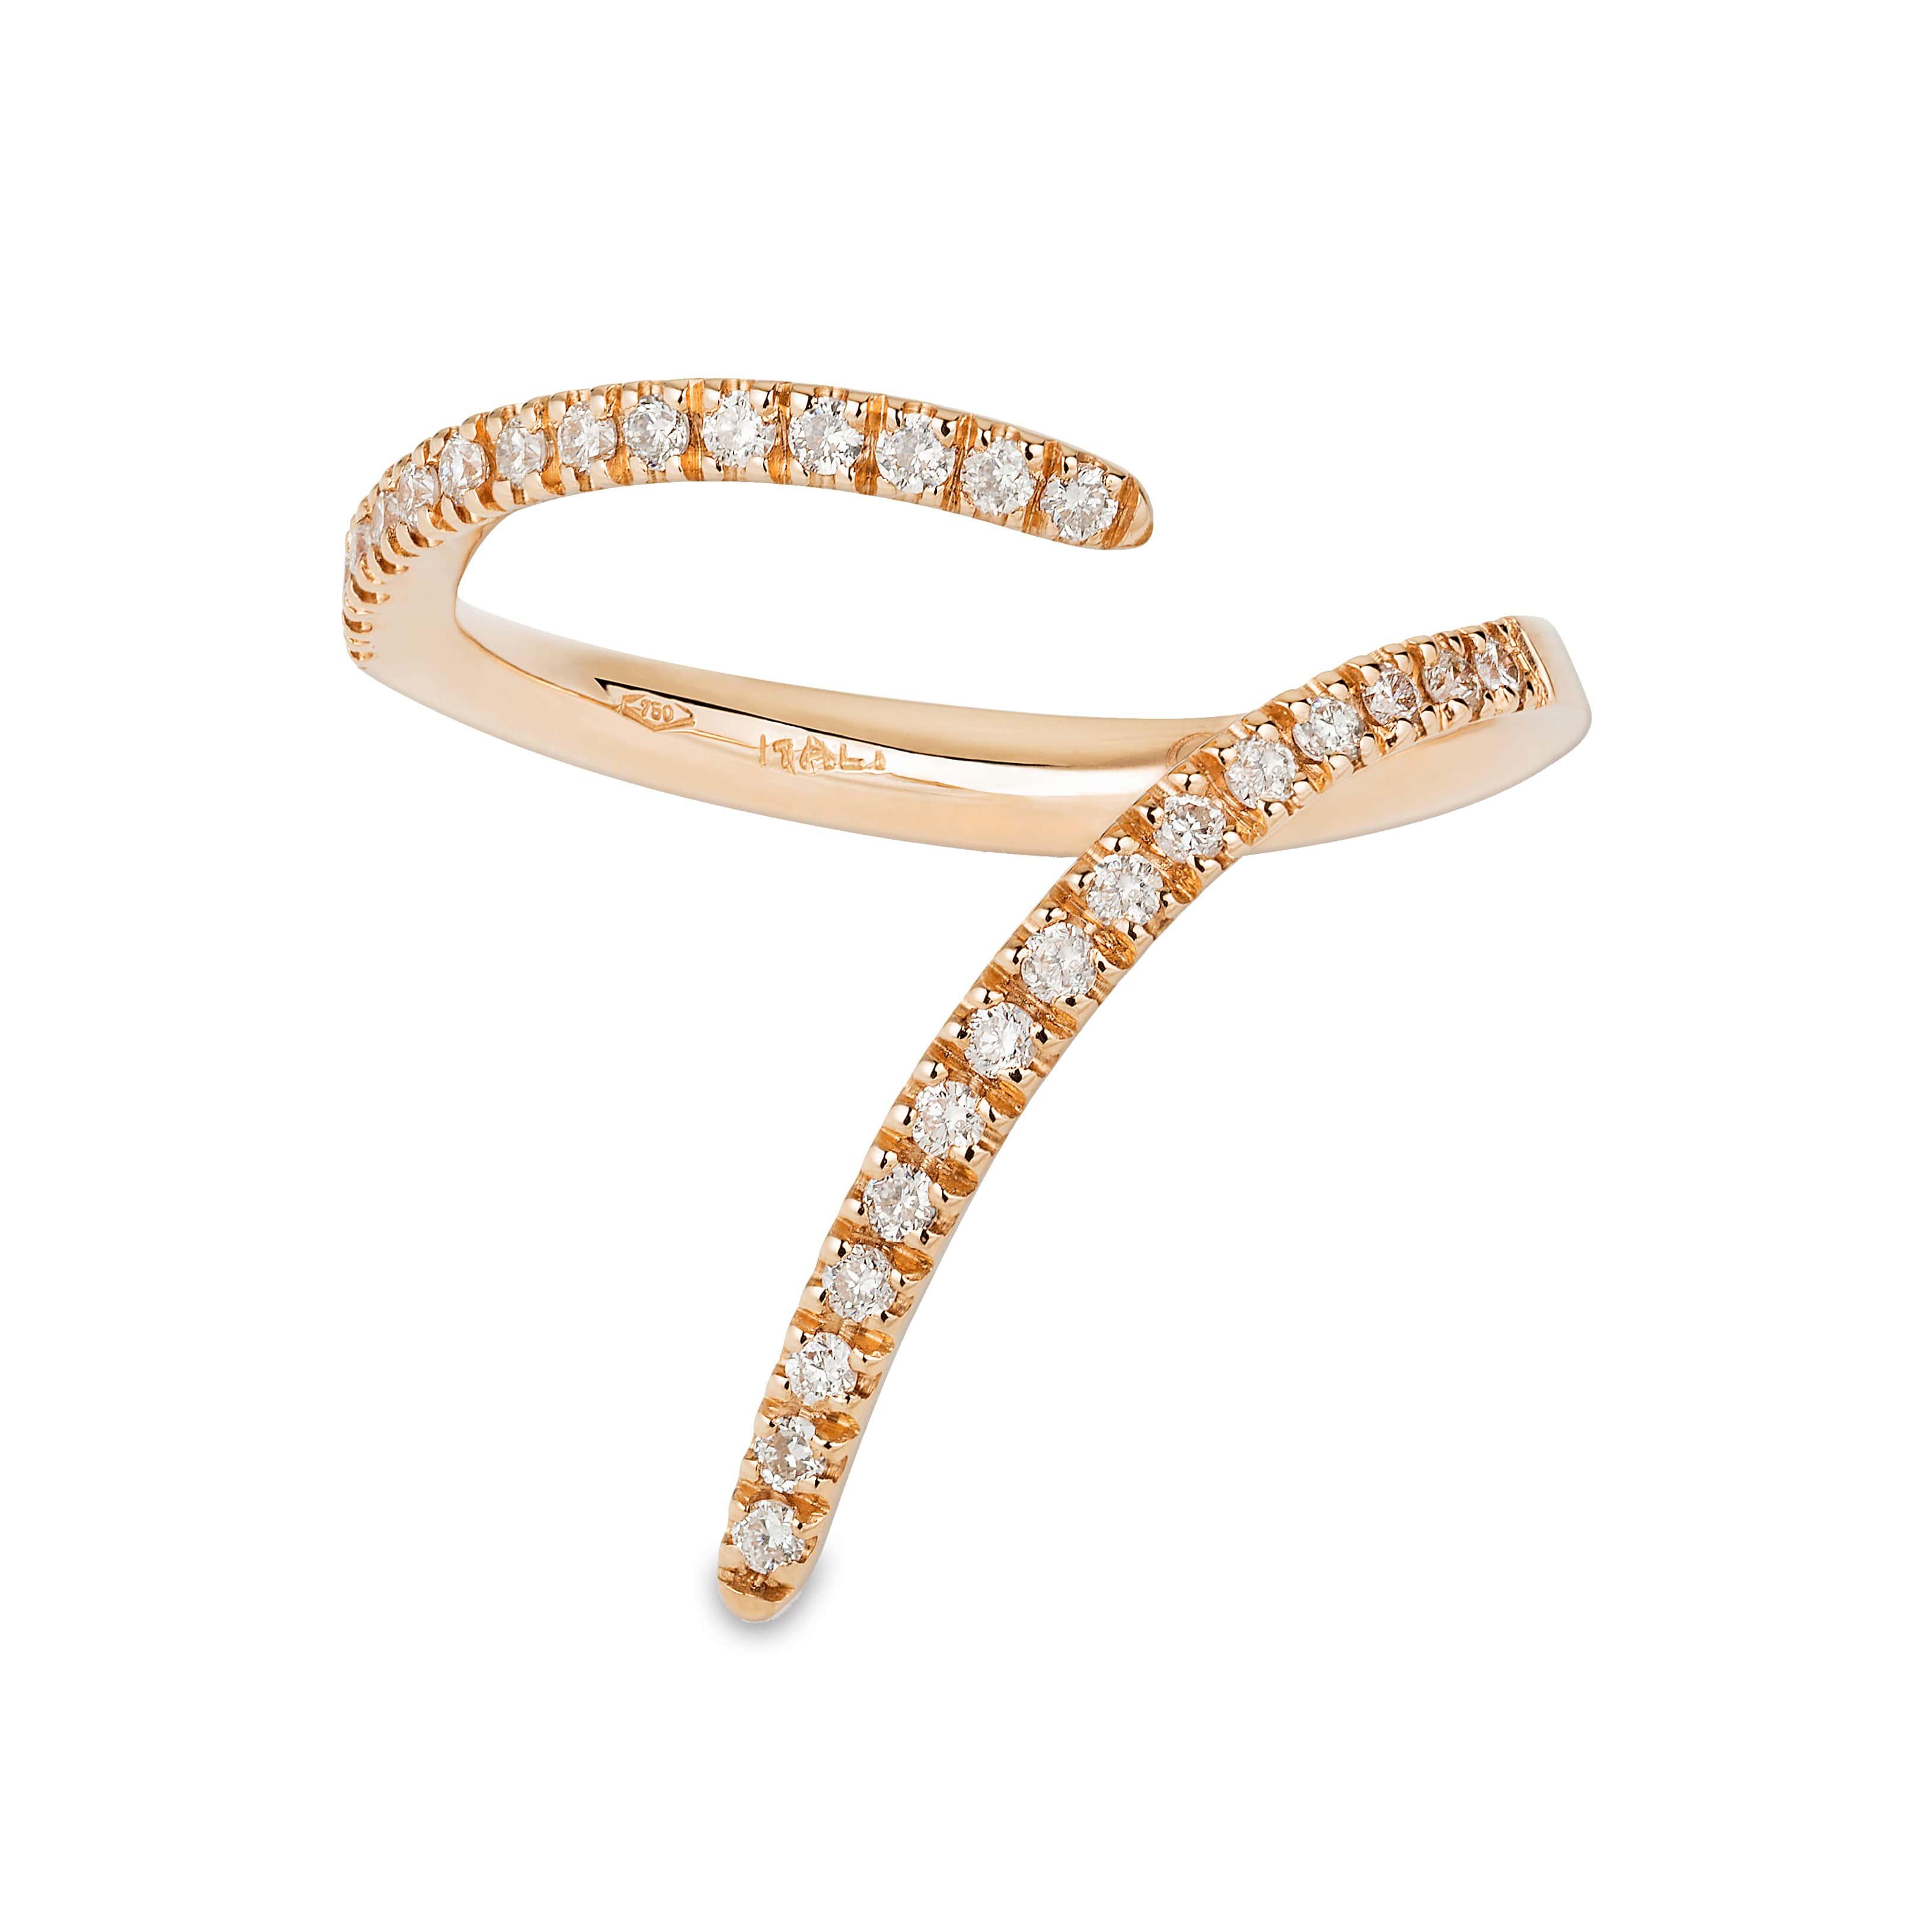 Numerati-No.9-in-18ct-rose-gold-with-white-diamonds